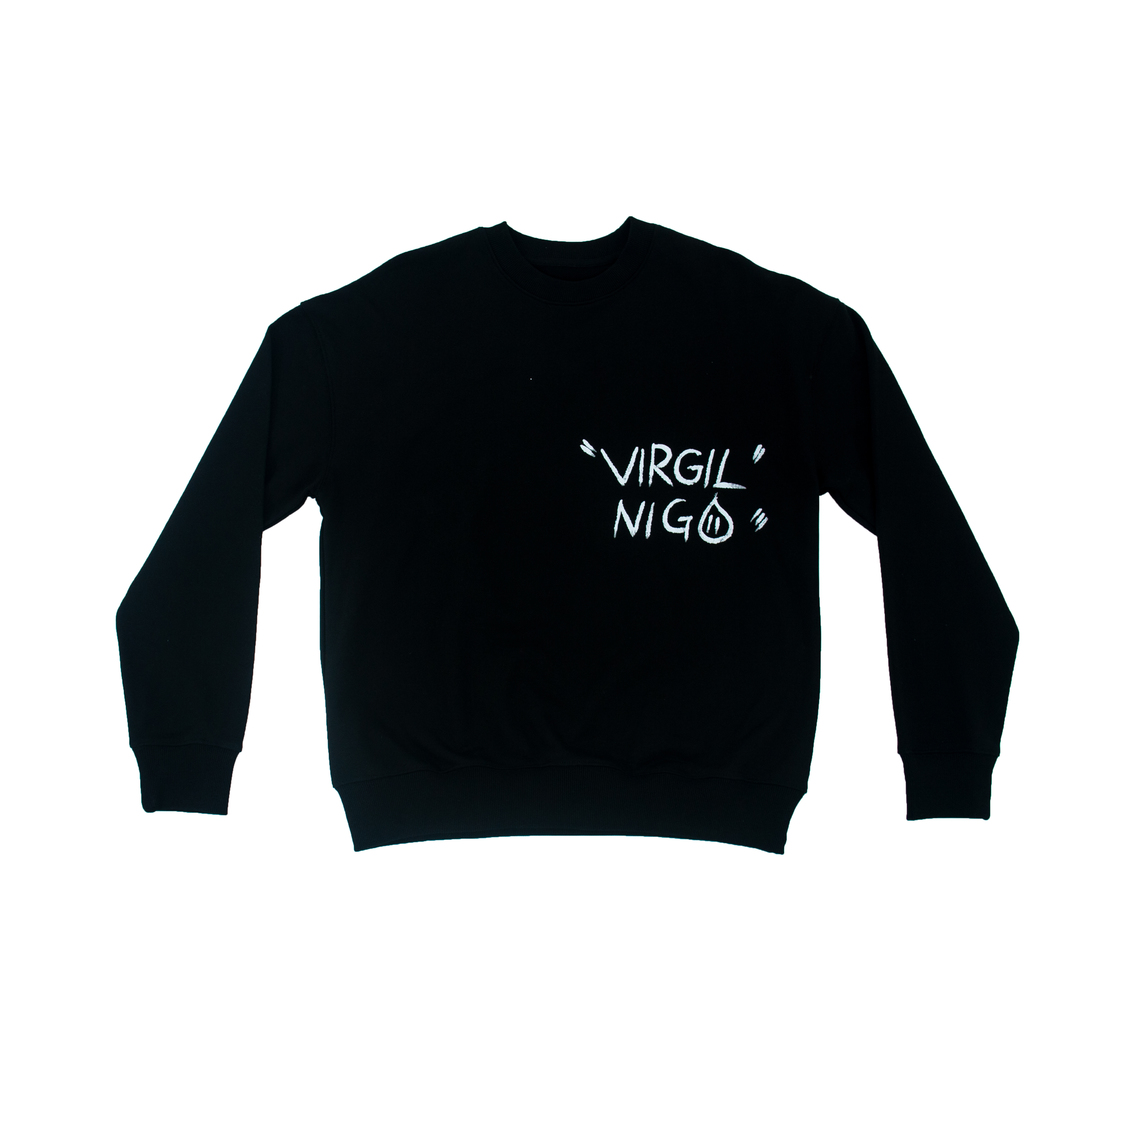 Áo Louis Vuitton chữ chim lưng - đen